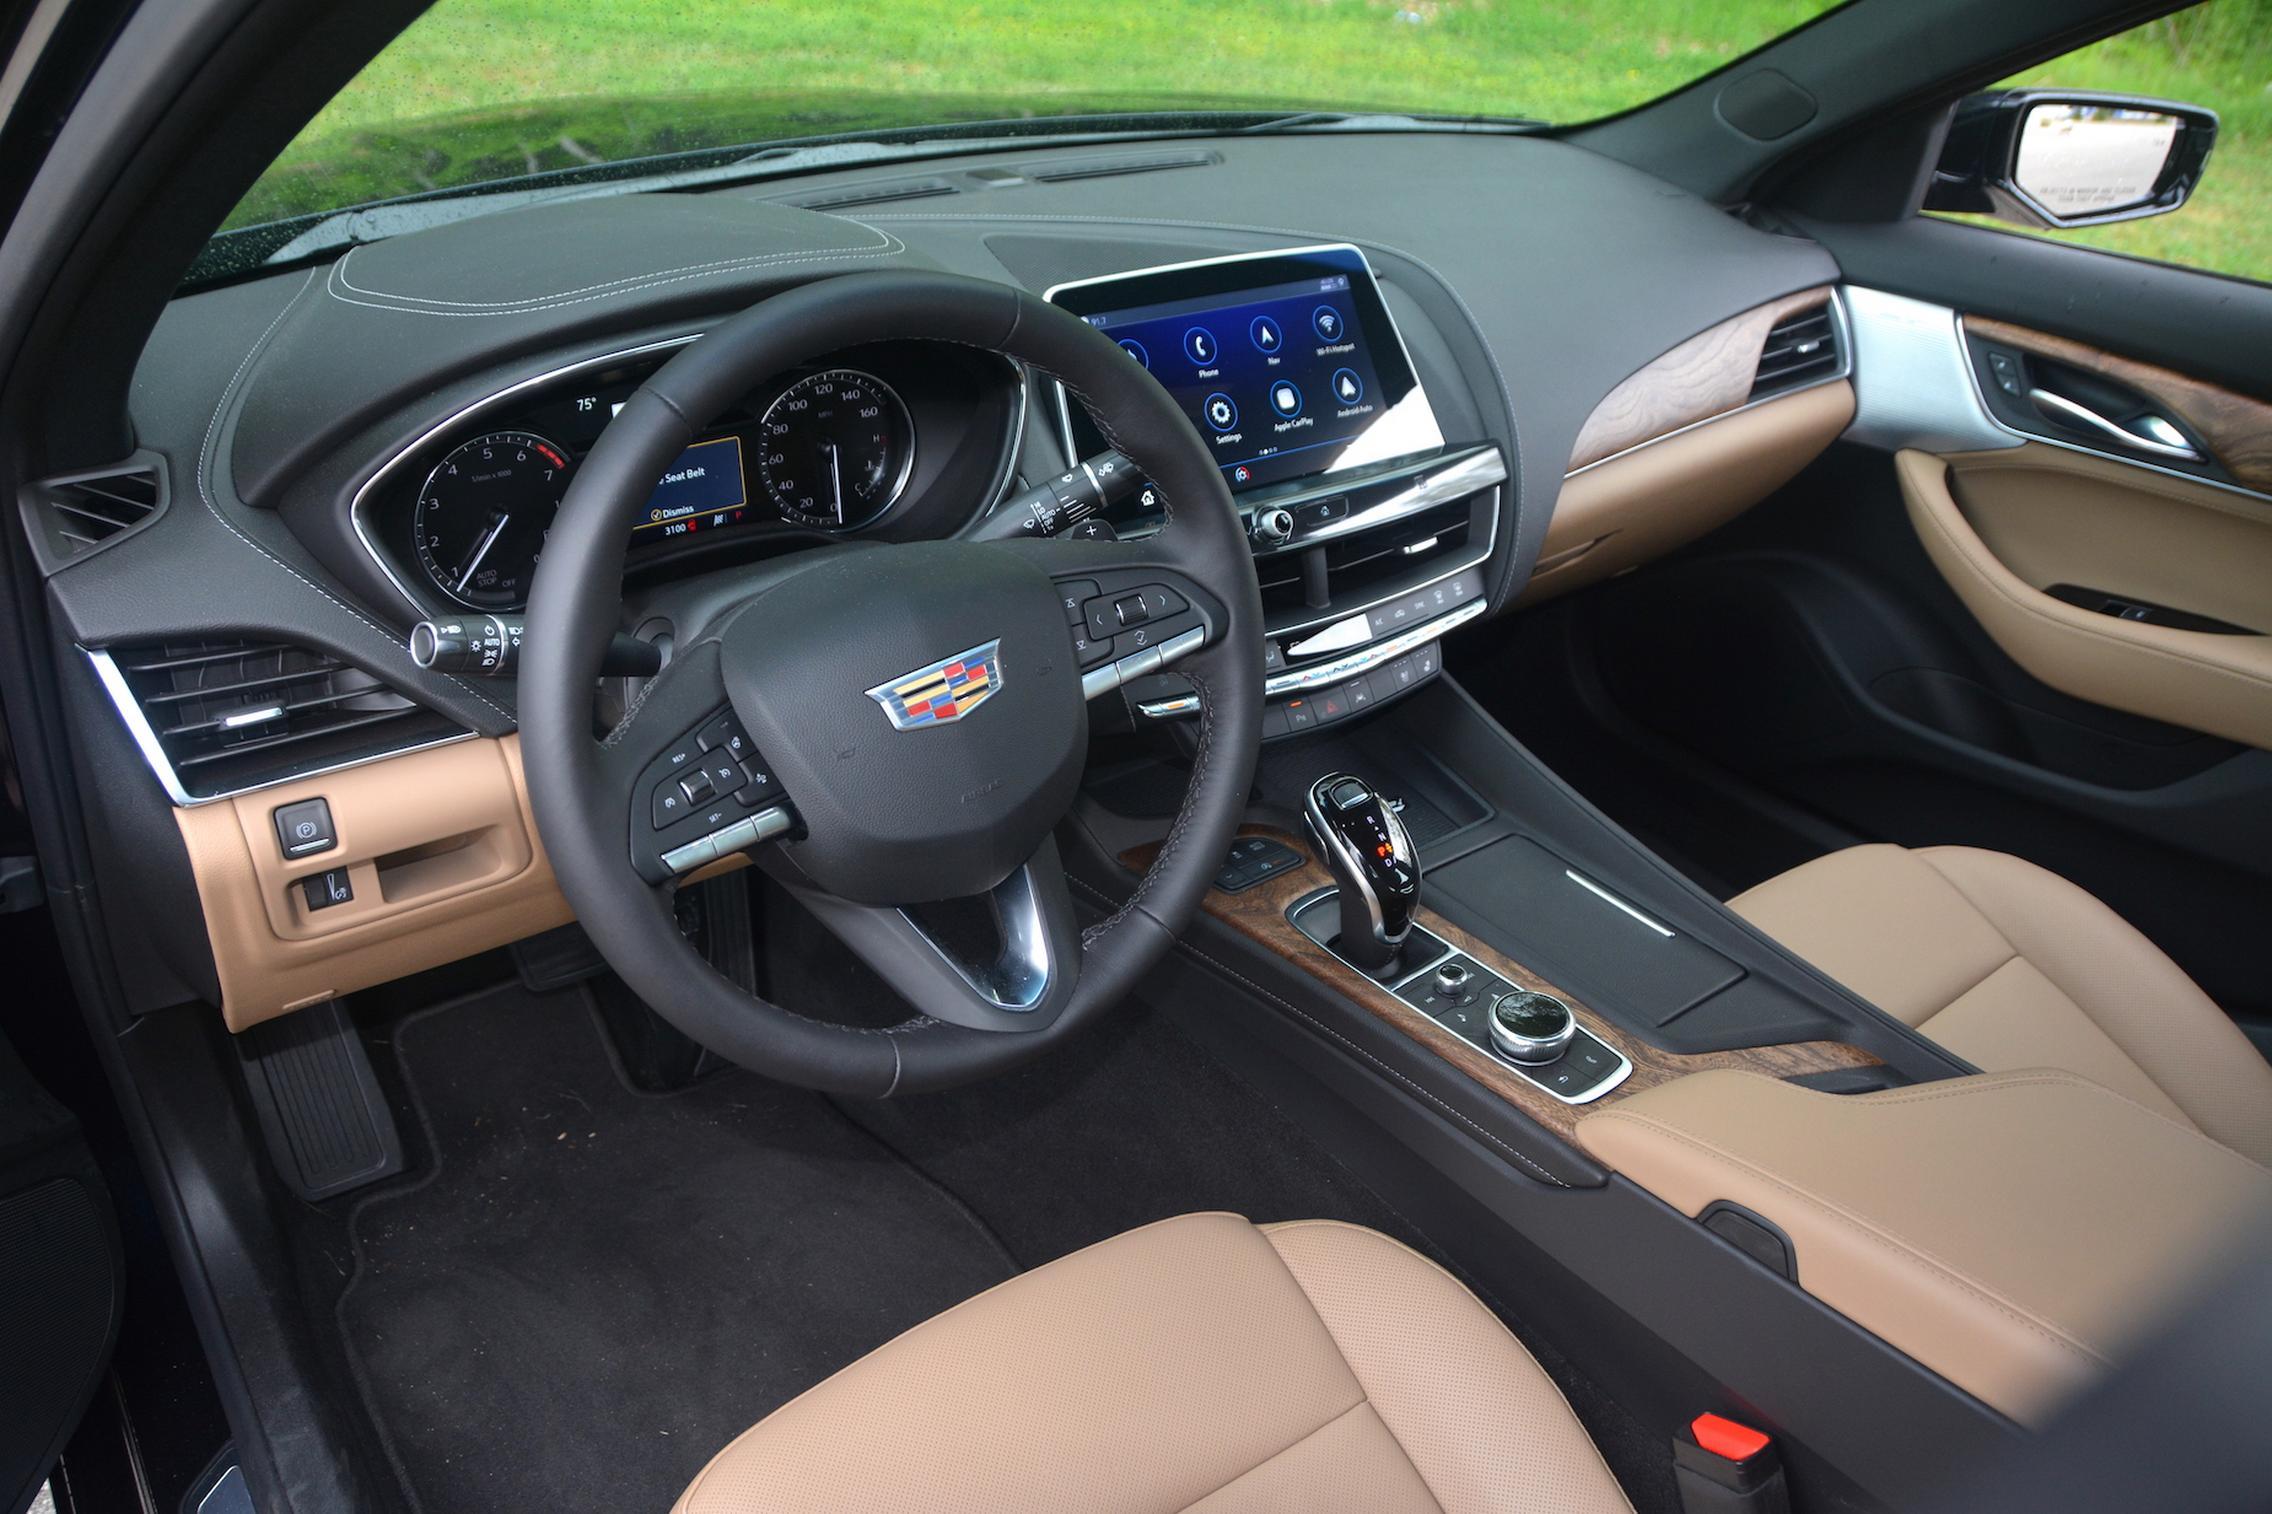 2021 Cadillac CT5 steering wheel